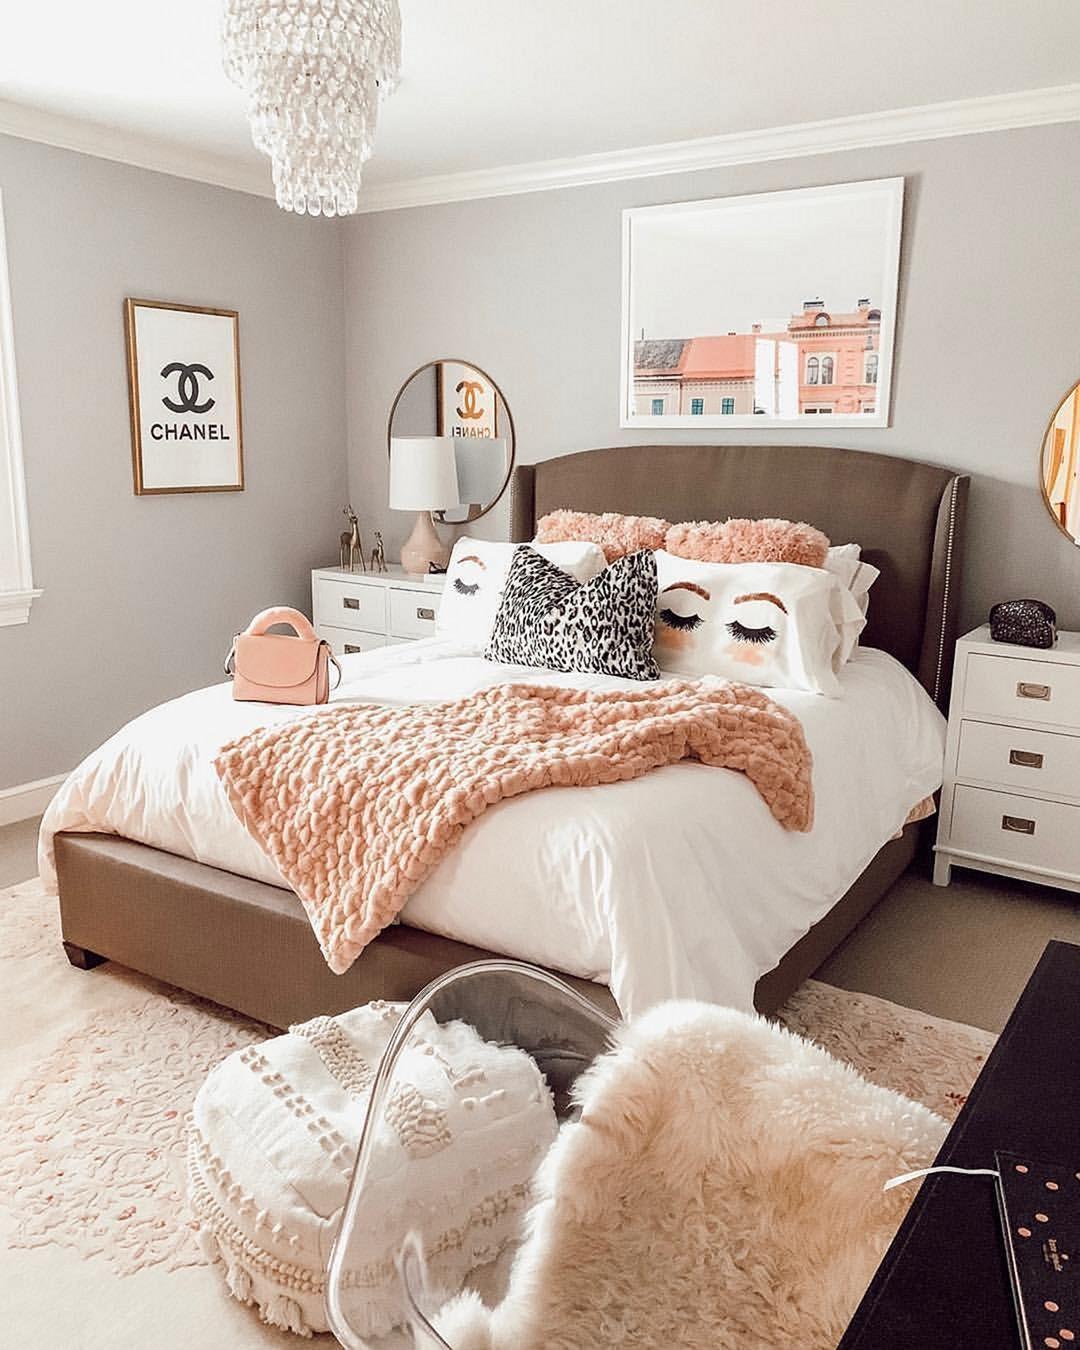 Amazing 10 Cute Teenage Bedroom Design For More Comfort Freshouz Com Girly Bedroom Bedroom Decor Room Decor Bedroom